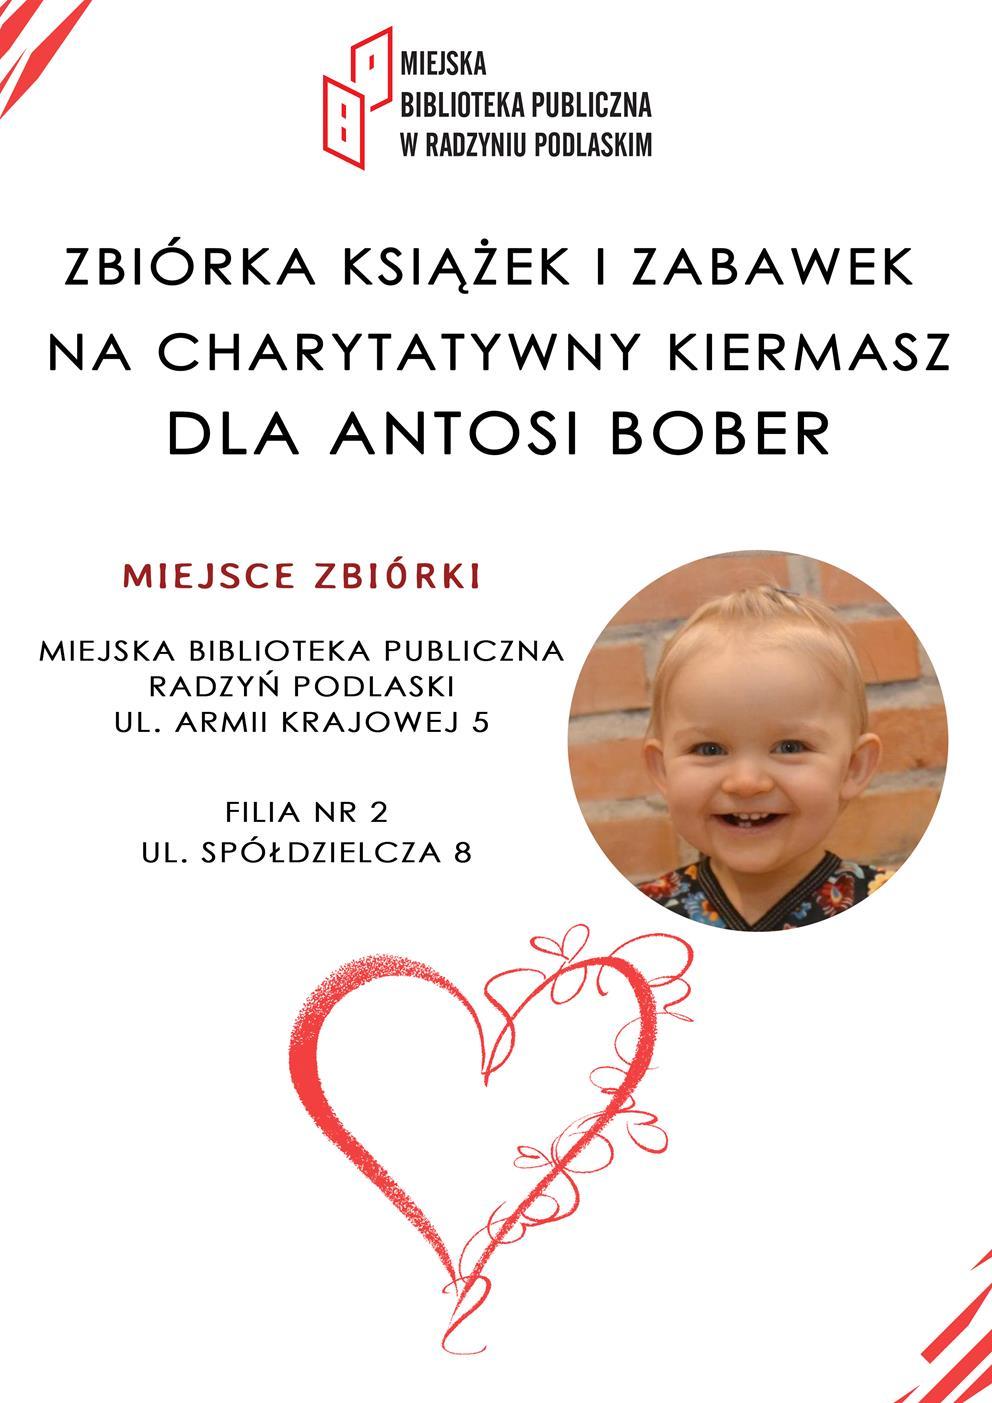 Zbiórka książek i zabawek  na charytatywny kiermasz dla Antosi Bober